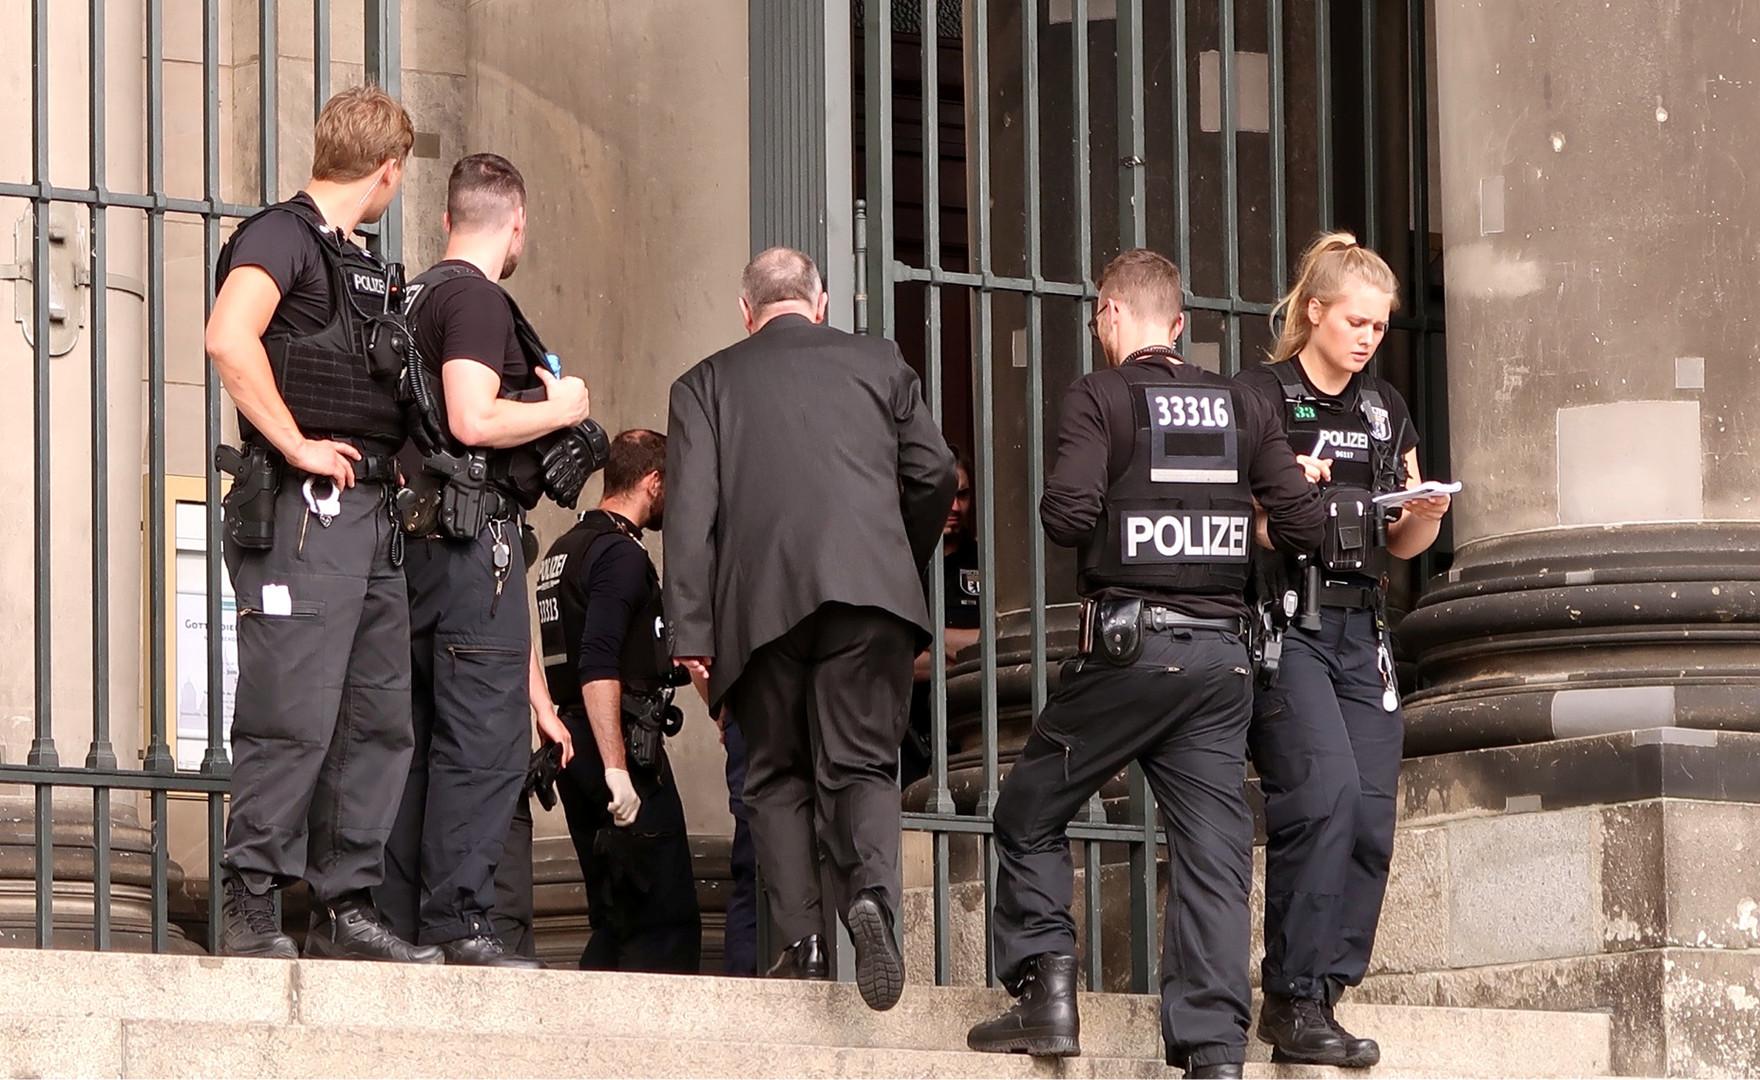 Polizist schießt auf randalierenden Mann im Berliner Dom